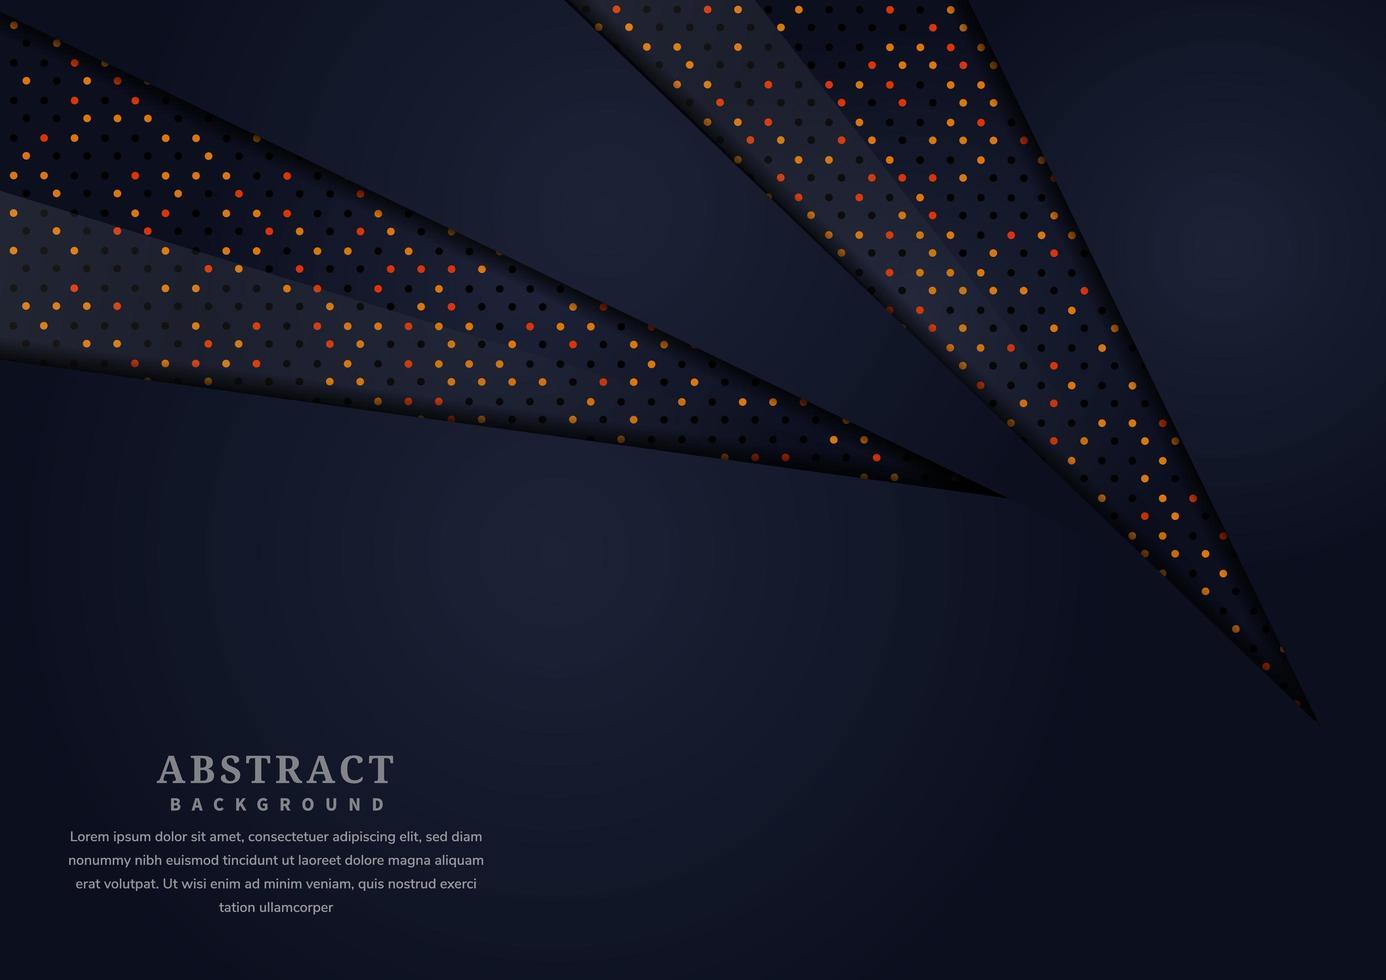 scuro astratto ritagliato forme di carta glitter sfondo vettore